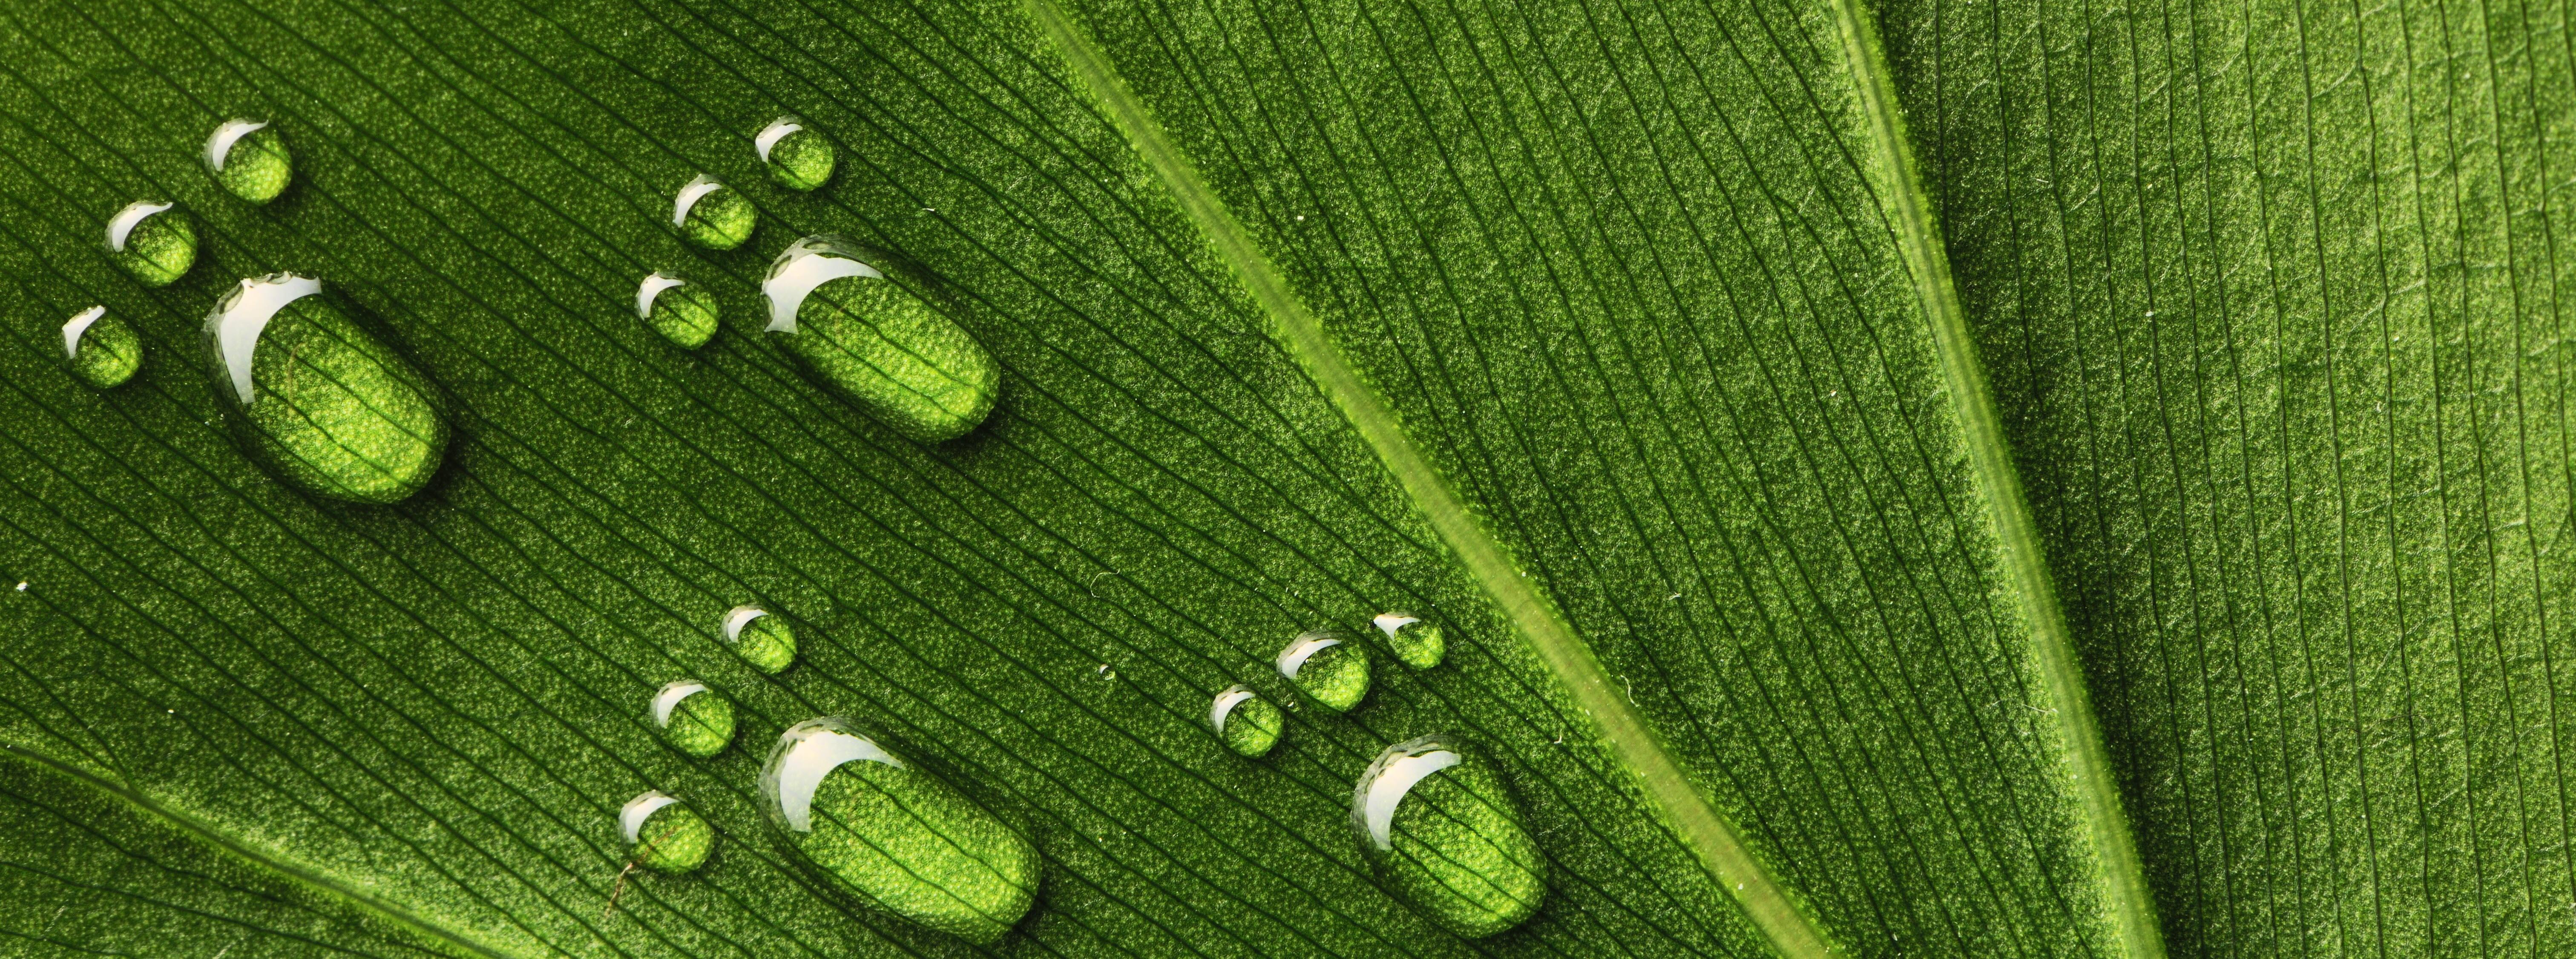 Samarbeten under Kyotoprotokollet